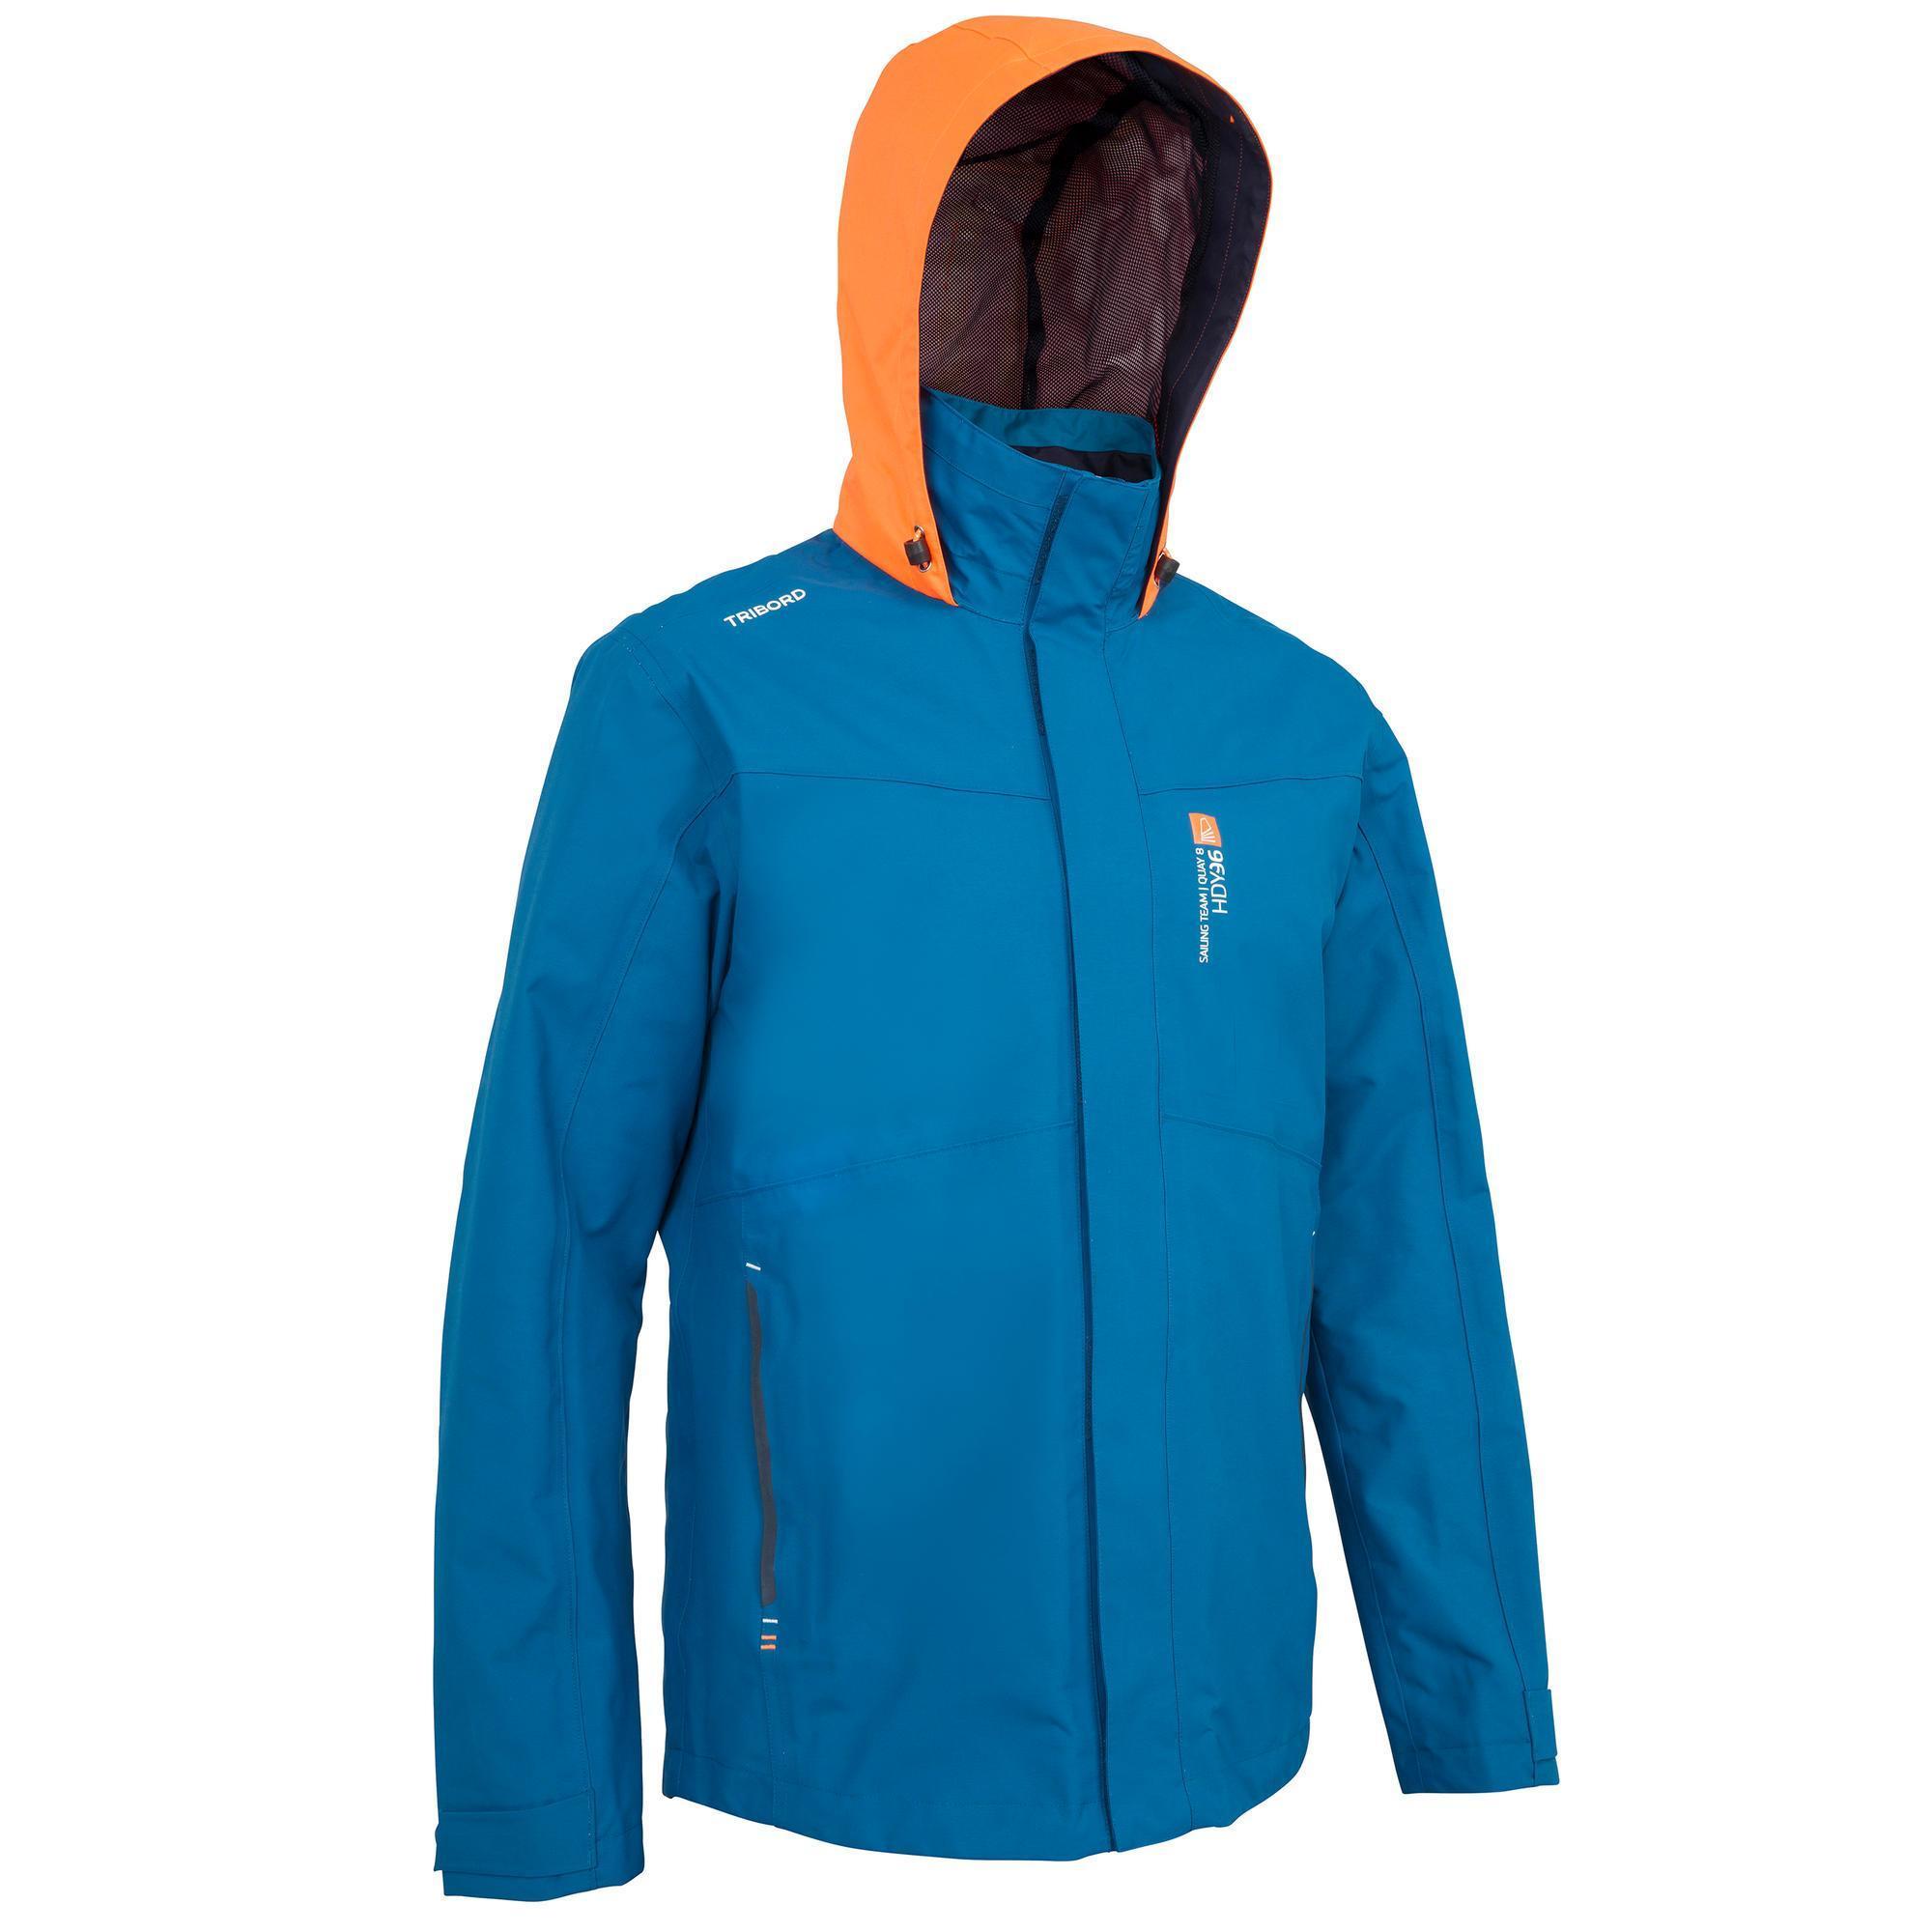 Tribord Zeiljas 100 voor heren, blauw/oranje